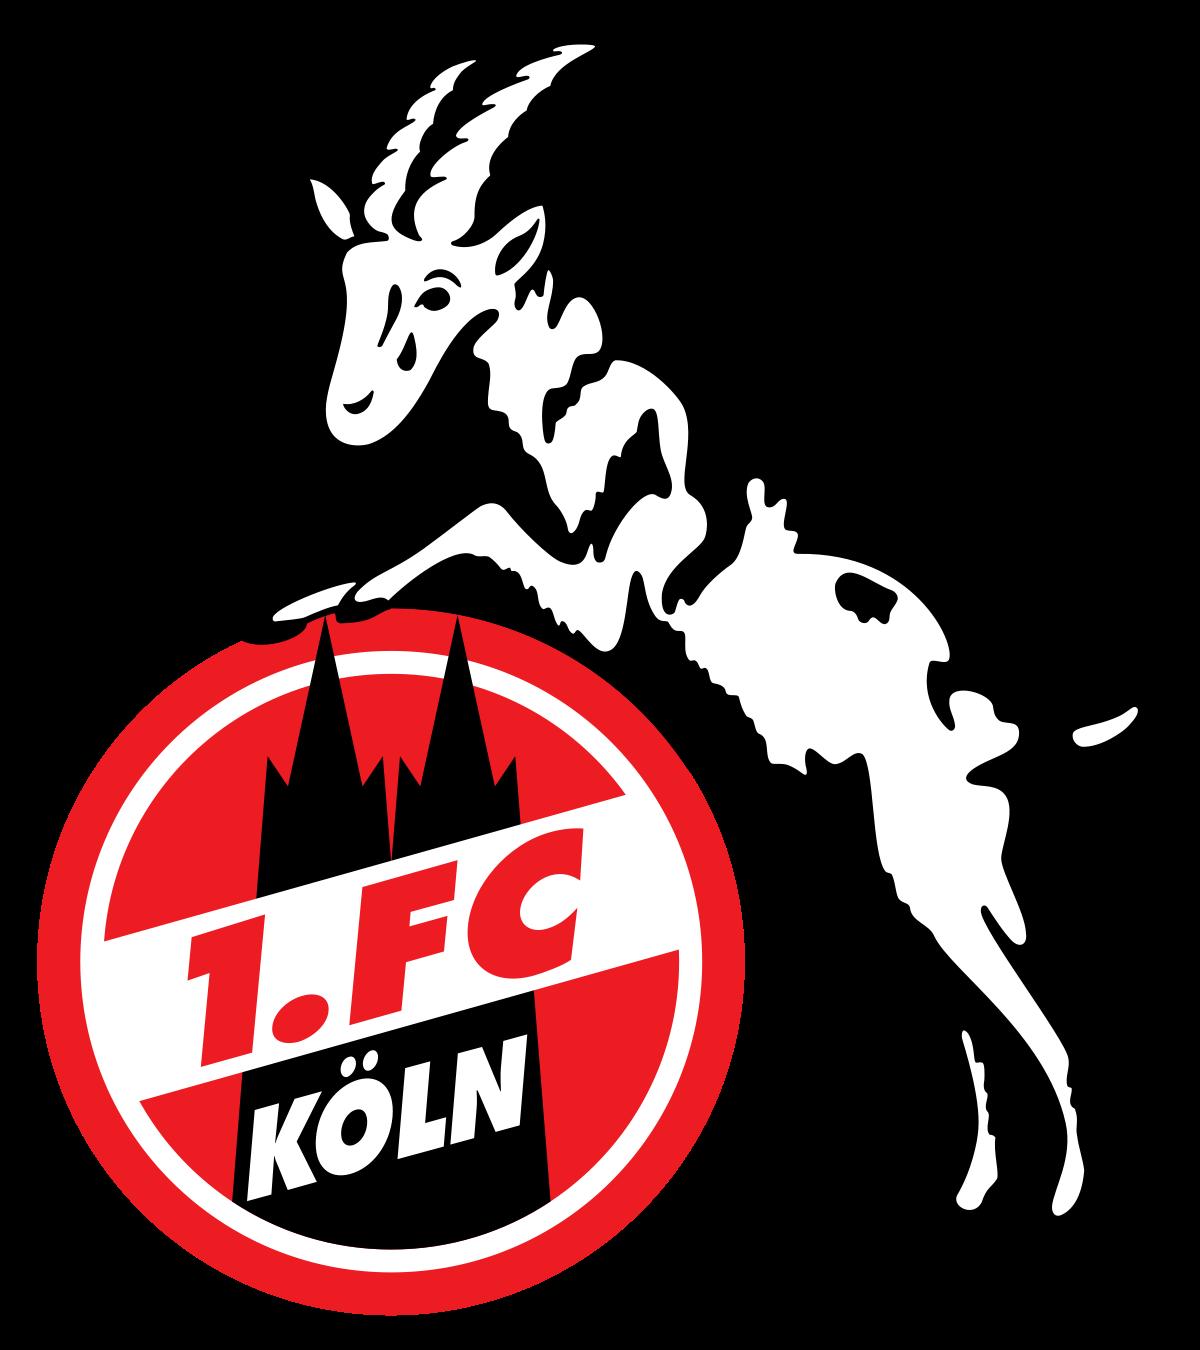 Эмблема ФК «Кьольн»